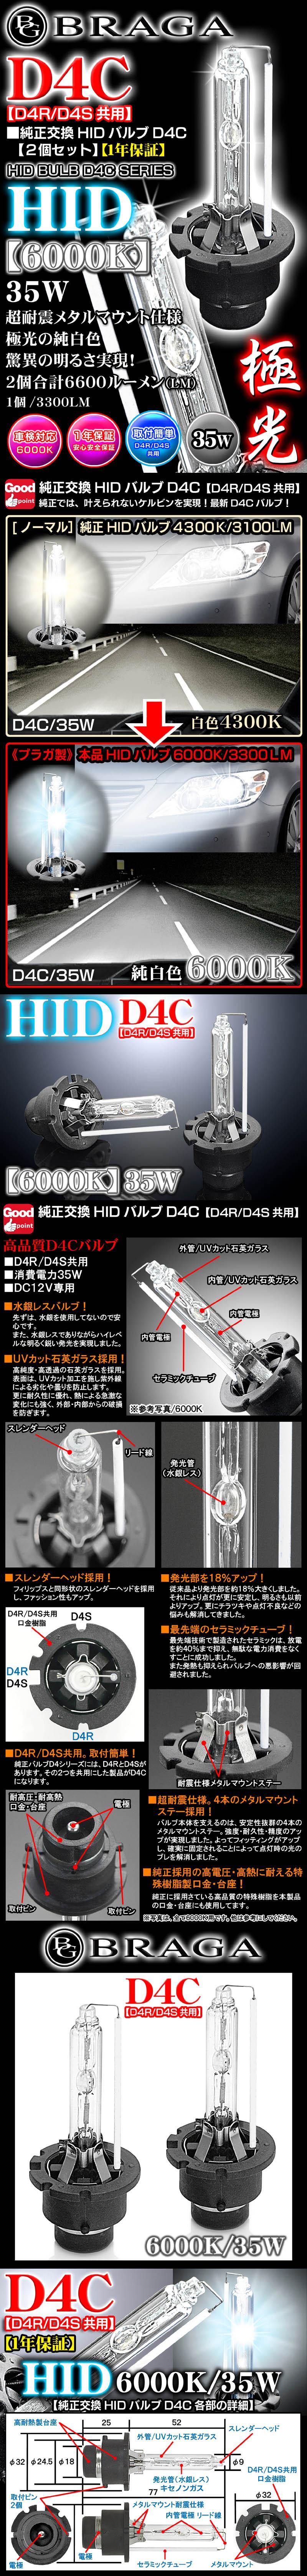 ブラガ製《6000K》D4C[D4R・D4S共用]タイプ1【2個セット】純正交換HIDバルブ/バーナー12V/24V共用